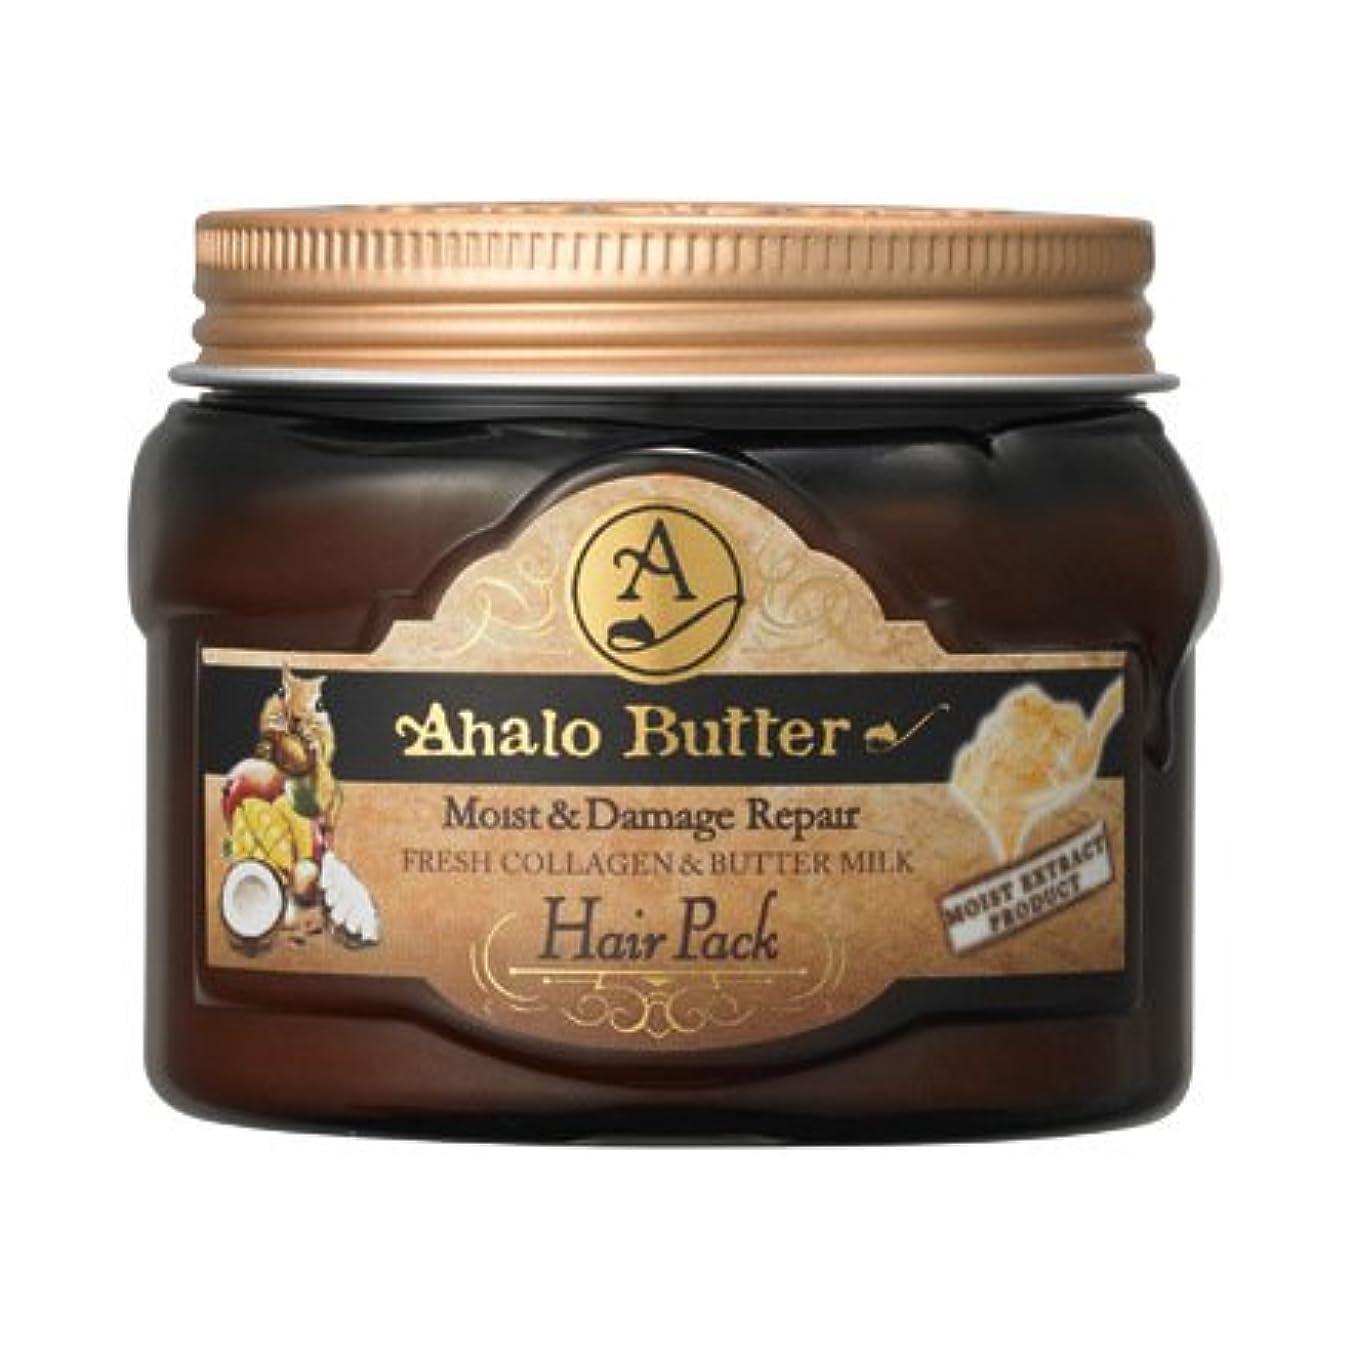 ロボットパイどっちAhalo butter(アハロバター) リッチモイスト 集中ヘアパック 150g